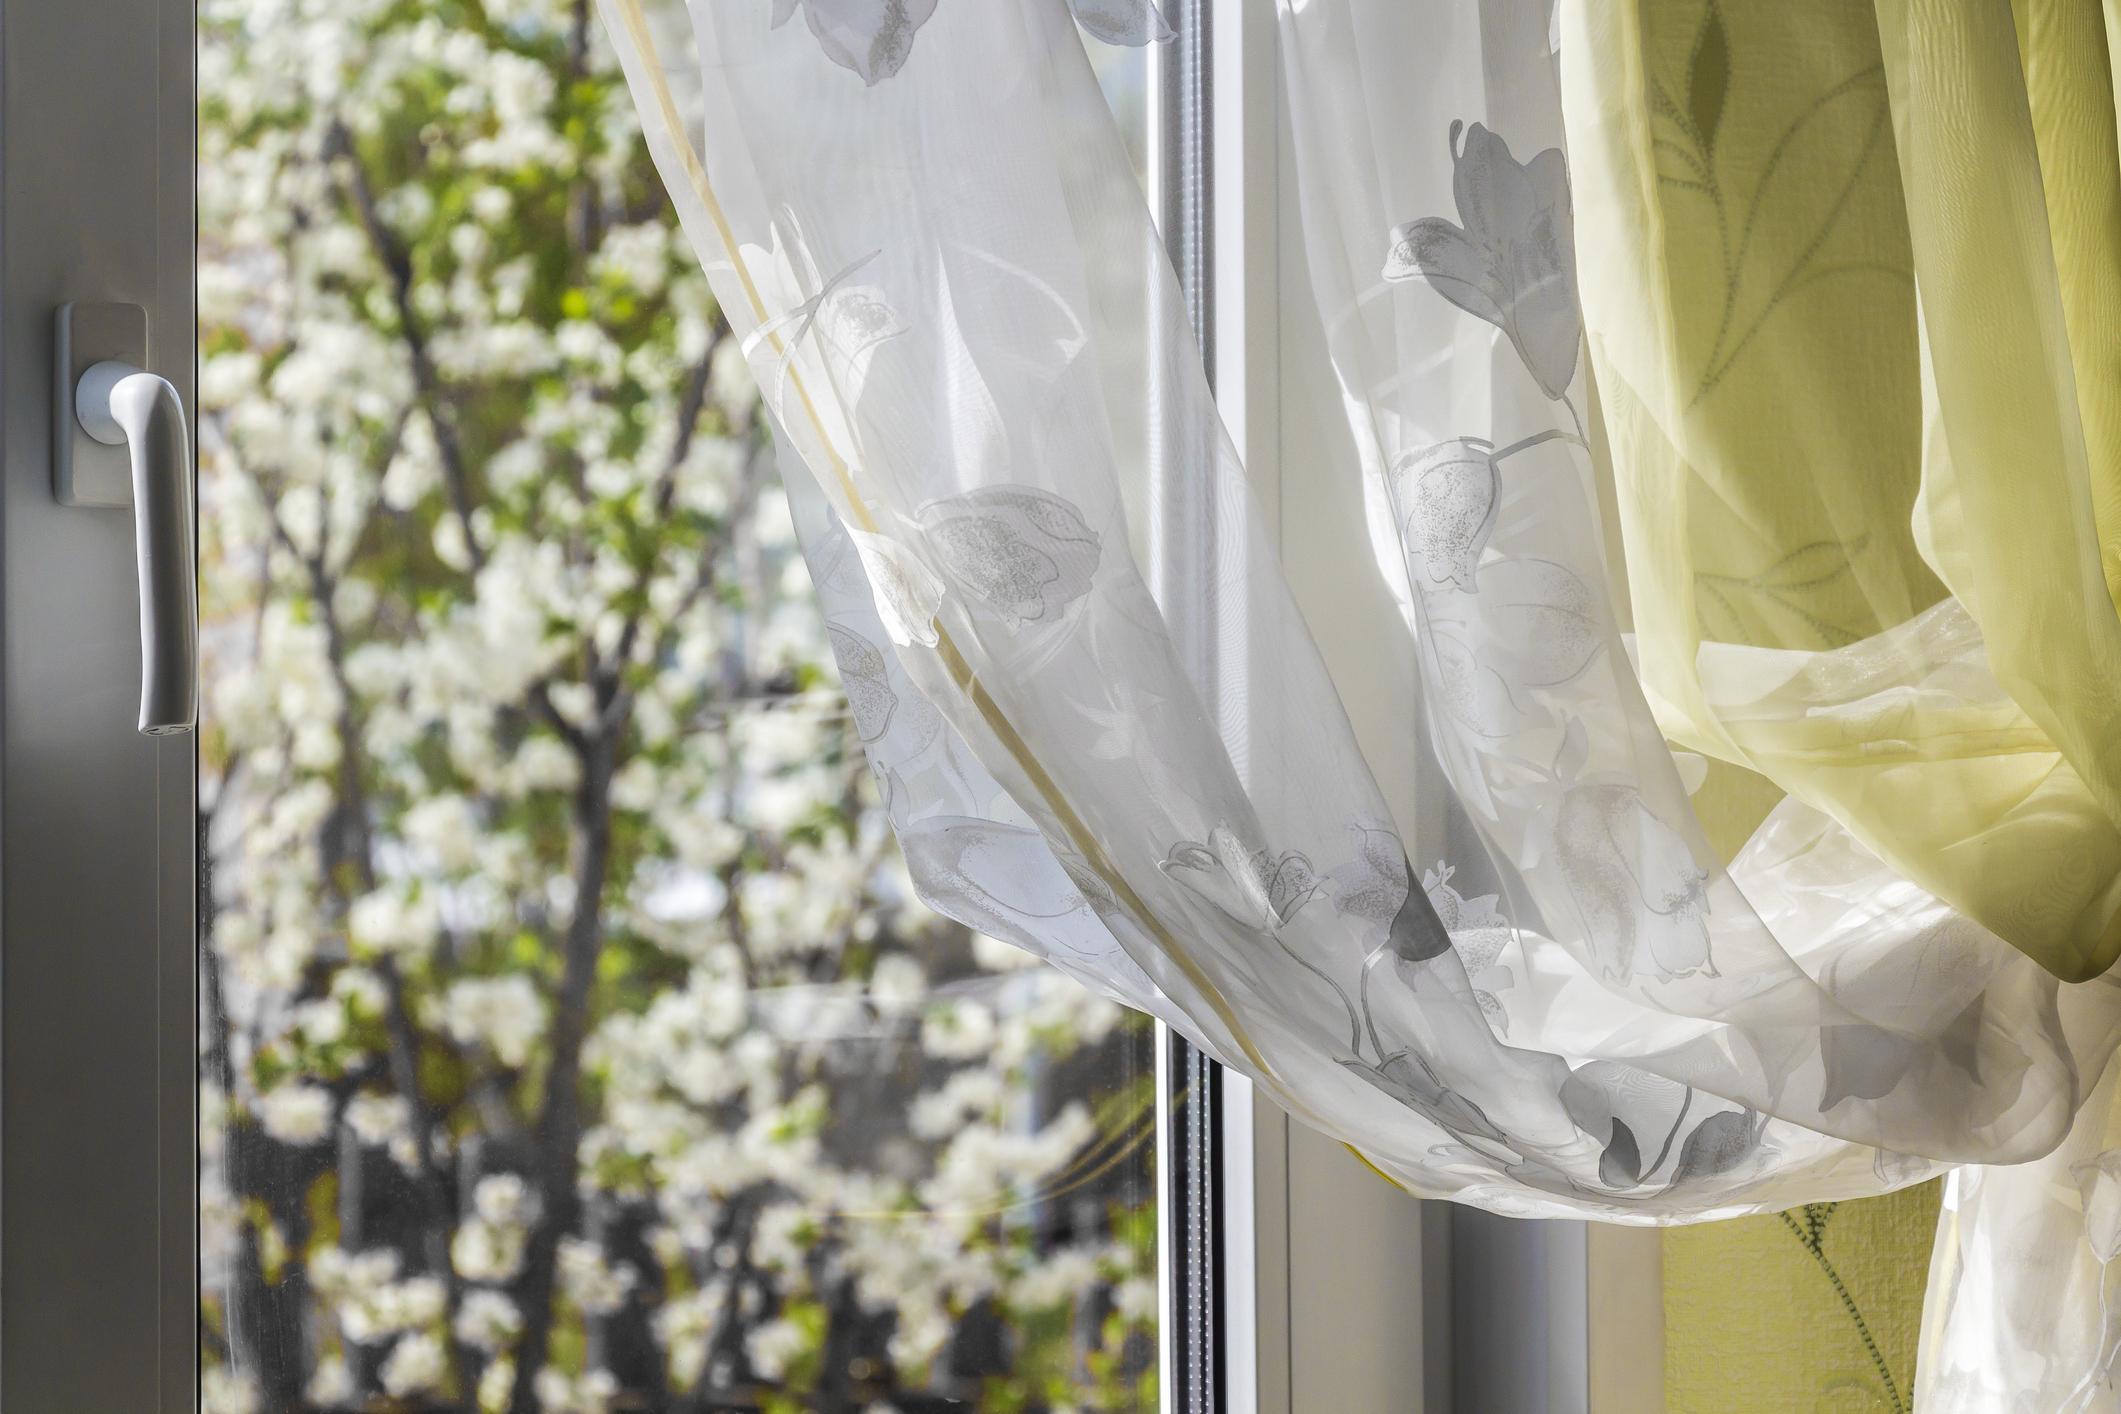 Spring-outside-window-532549648_2125x1416.jpeg